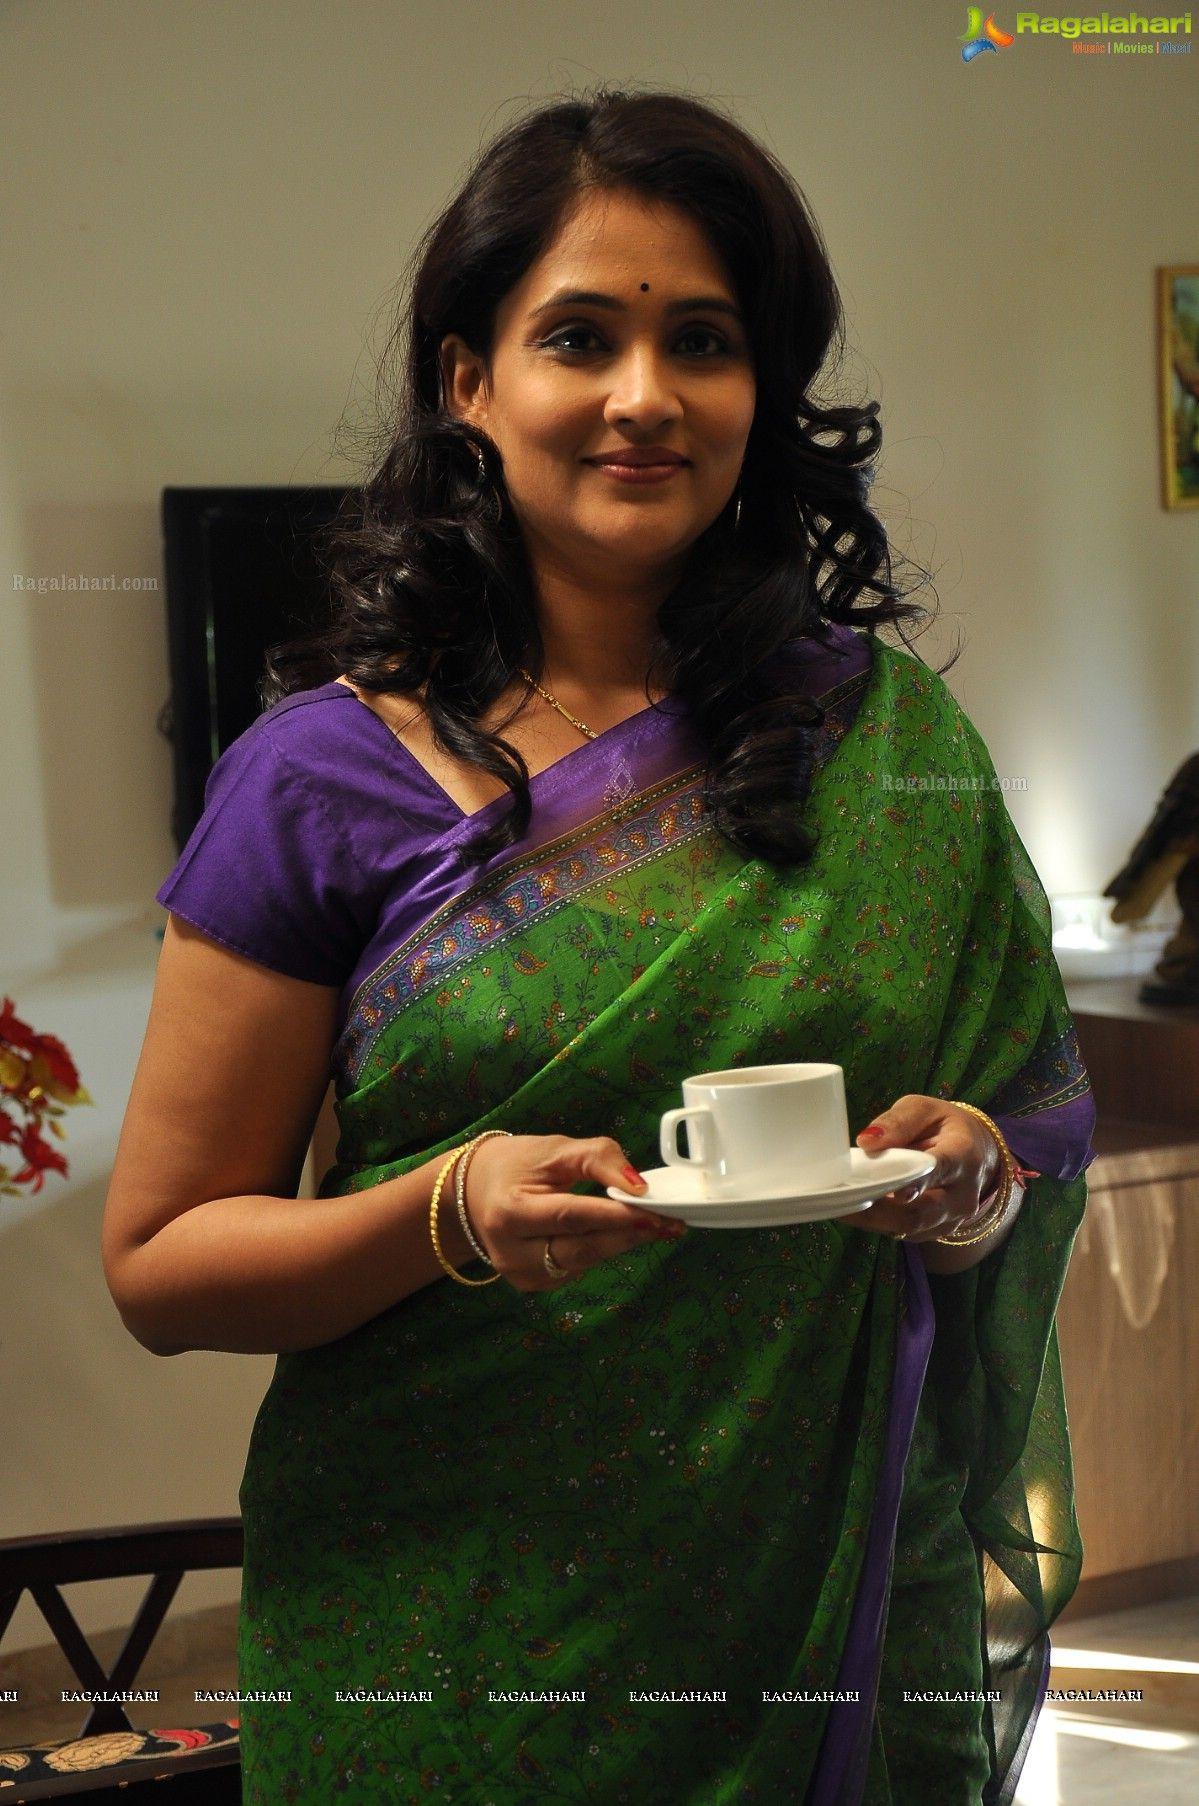 Beautiful Gayatri Bhargavi In Saree Photos Indian Fashion Saree Saree Indian Women